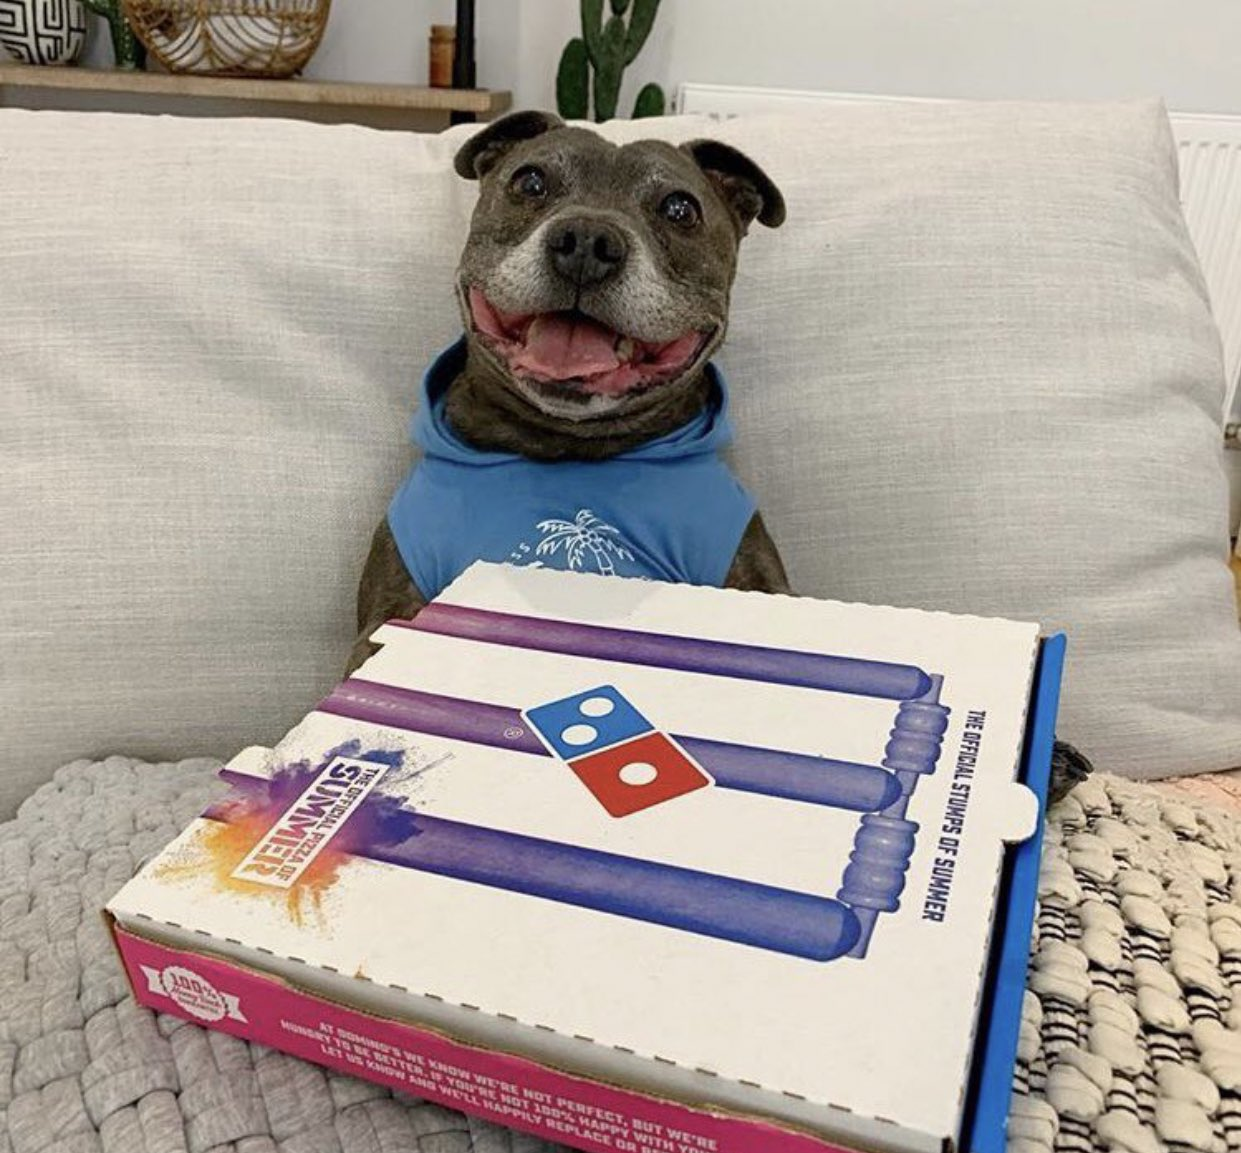 【画像】イッヌさん、期待外れのピザに硬直してしまうwwwwww